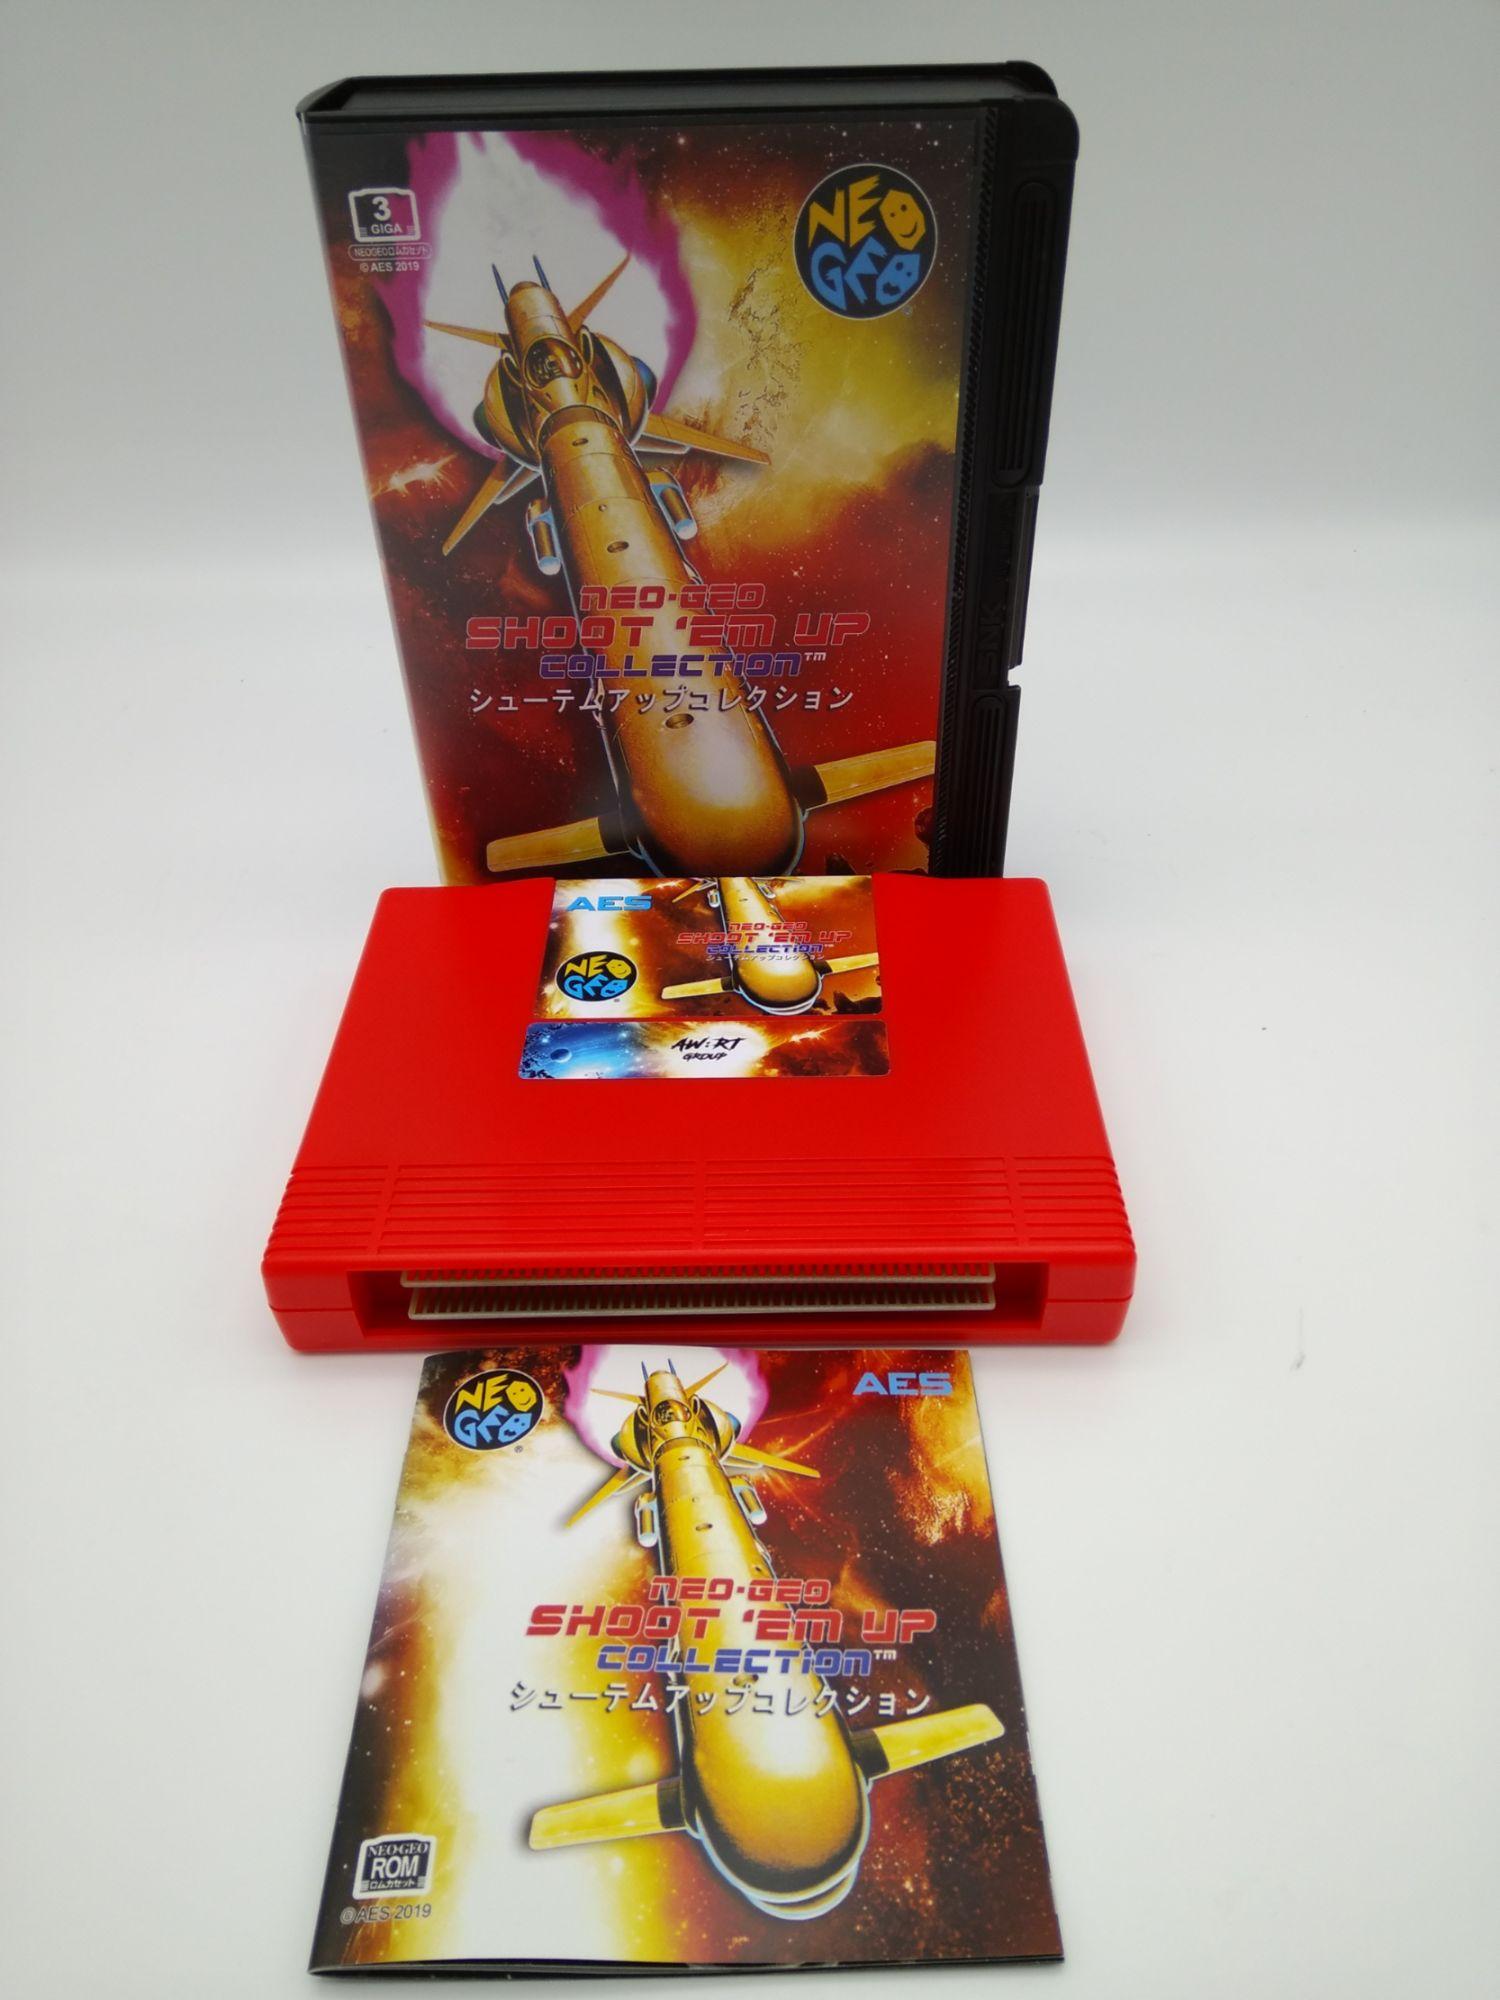 Top 3 des shoot em up sur Neo Geo  - Page 6 1236180393